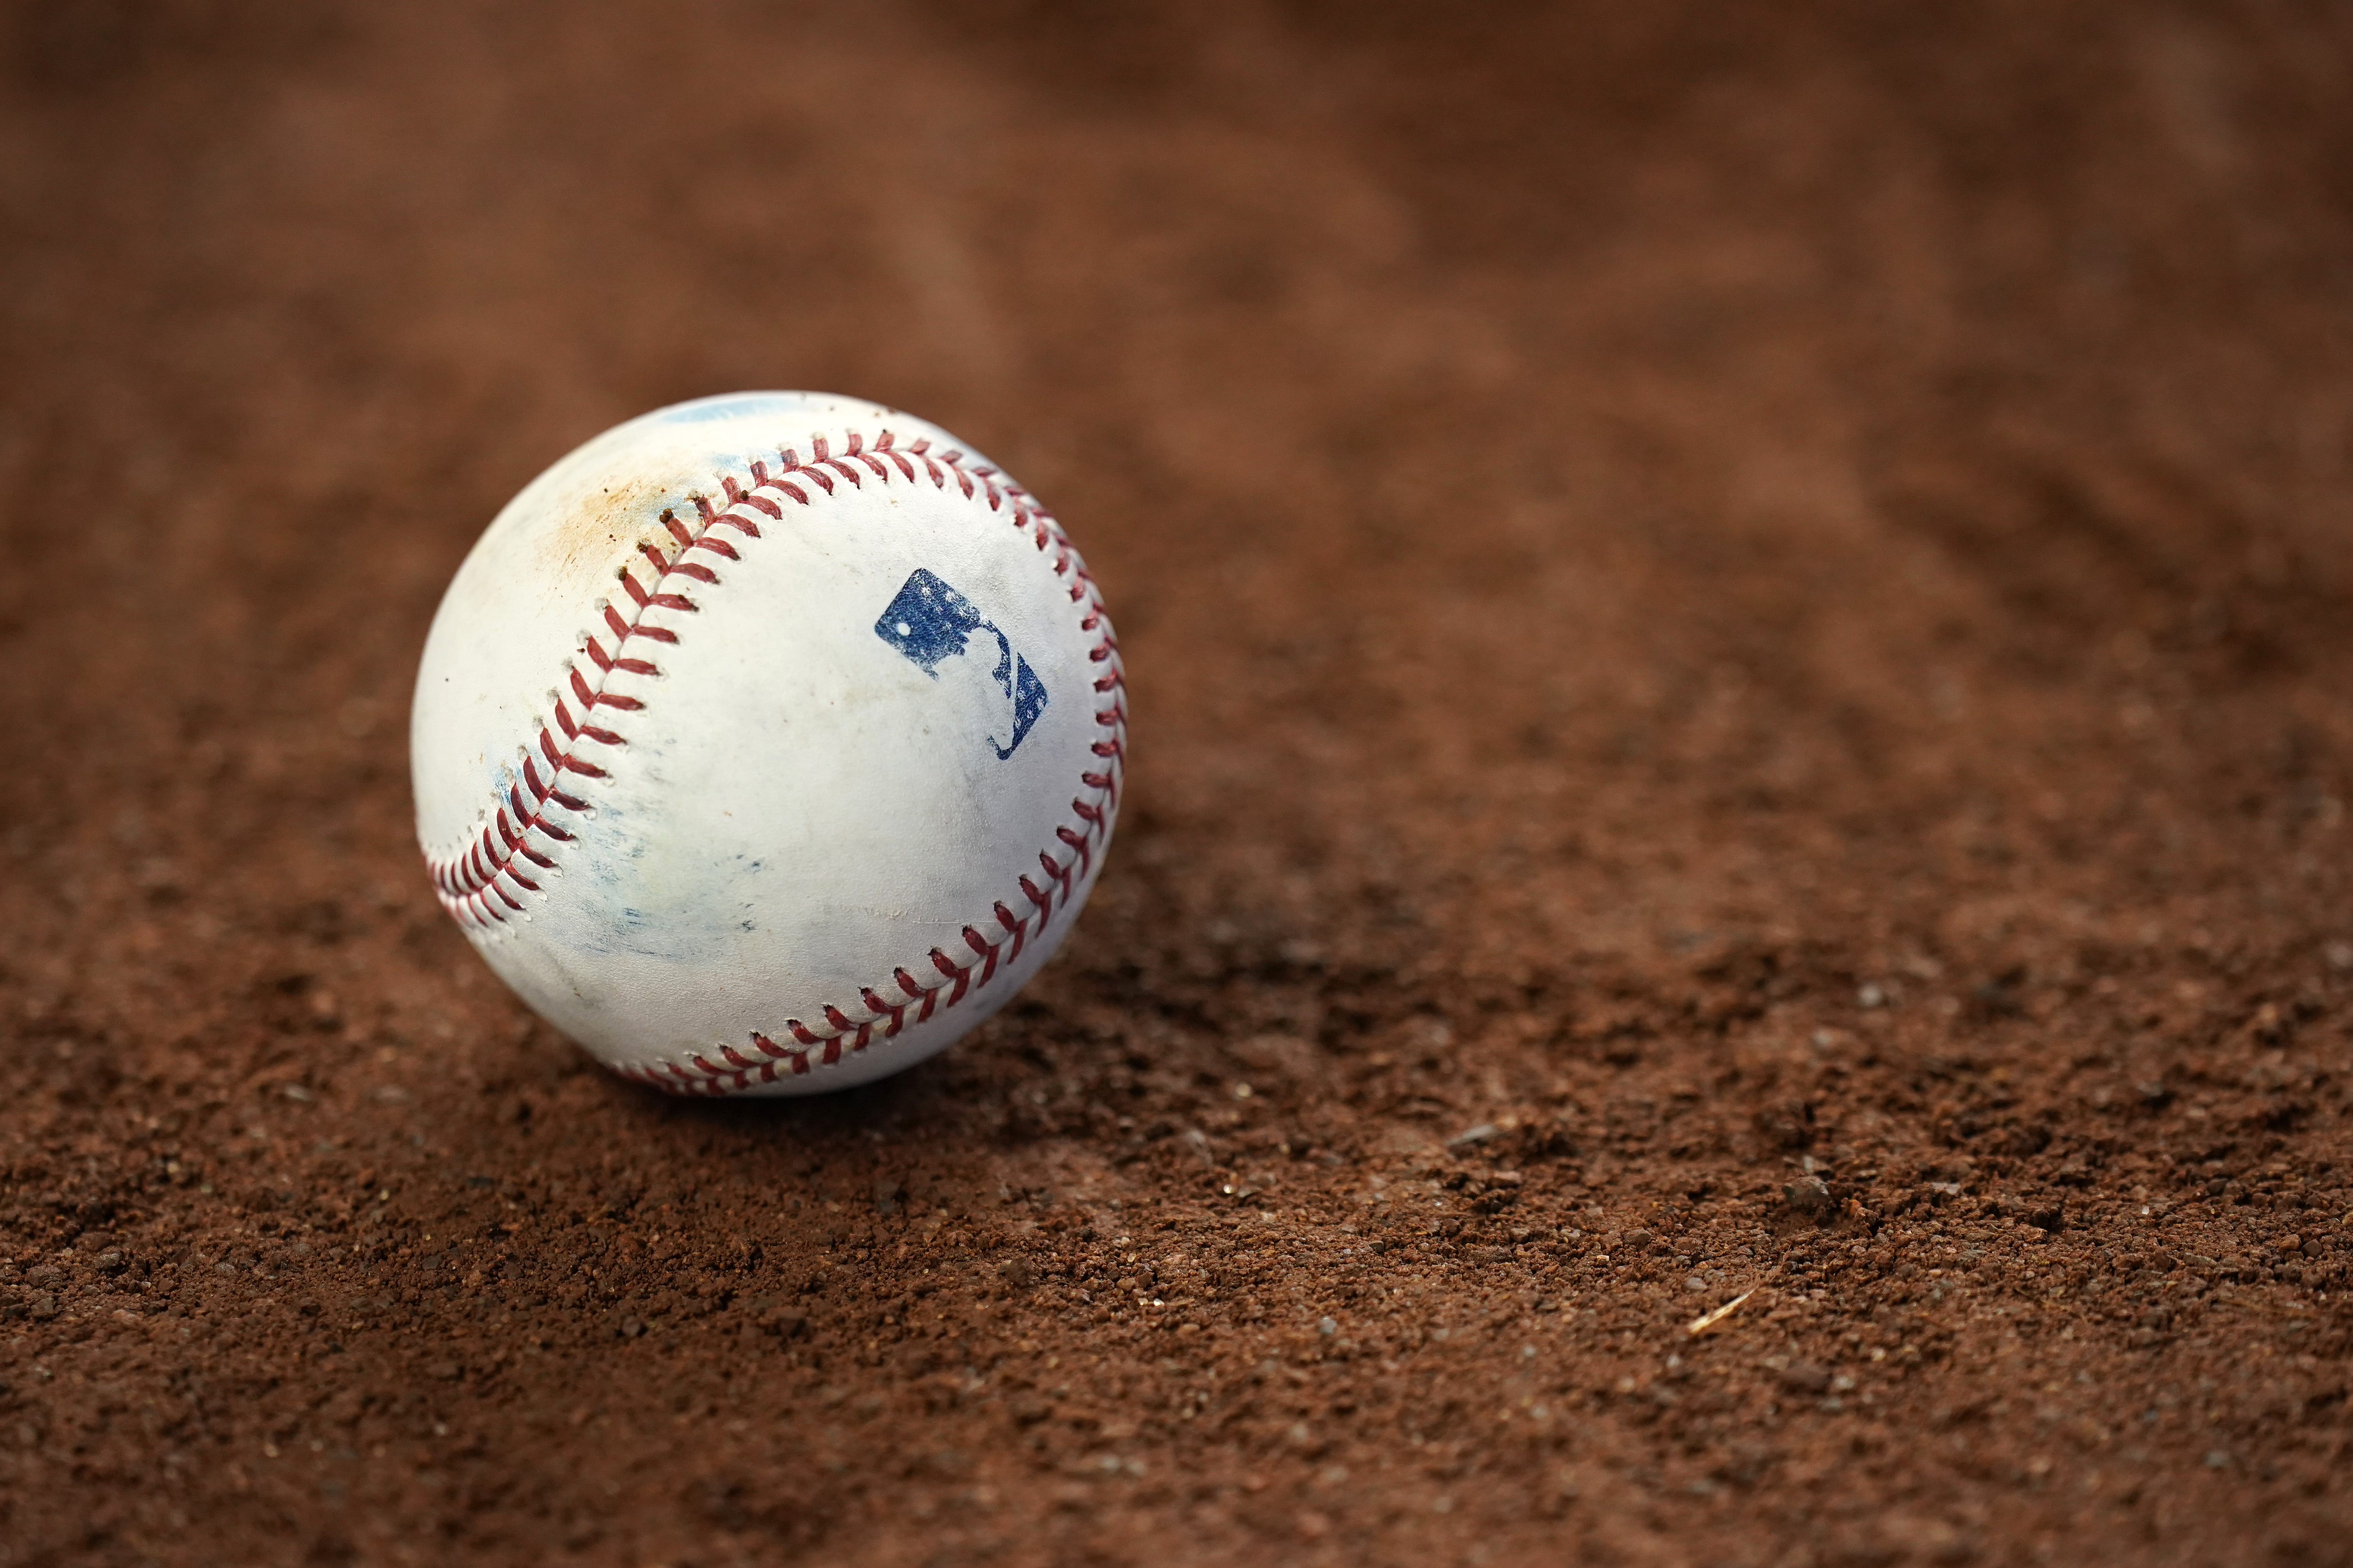 MLB: Colorado Rockies at Miami Marlins